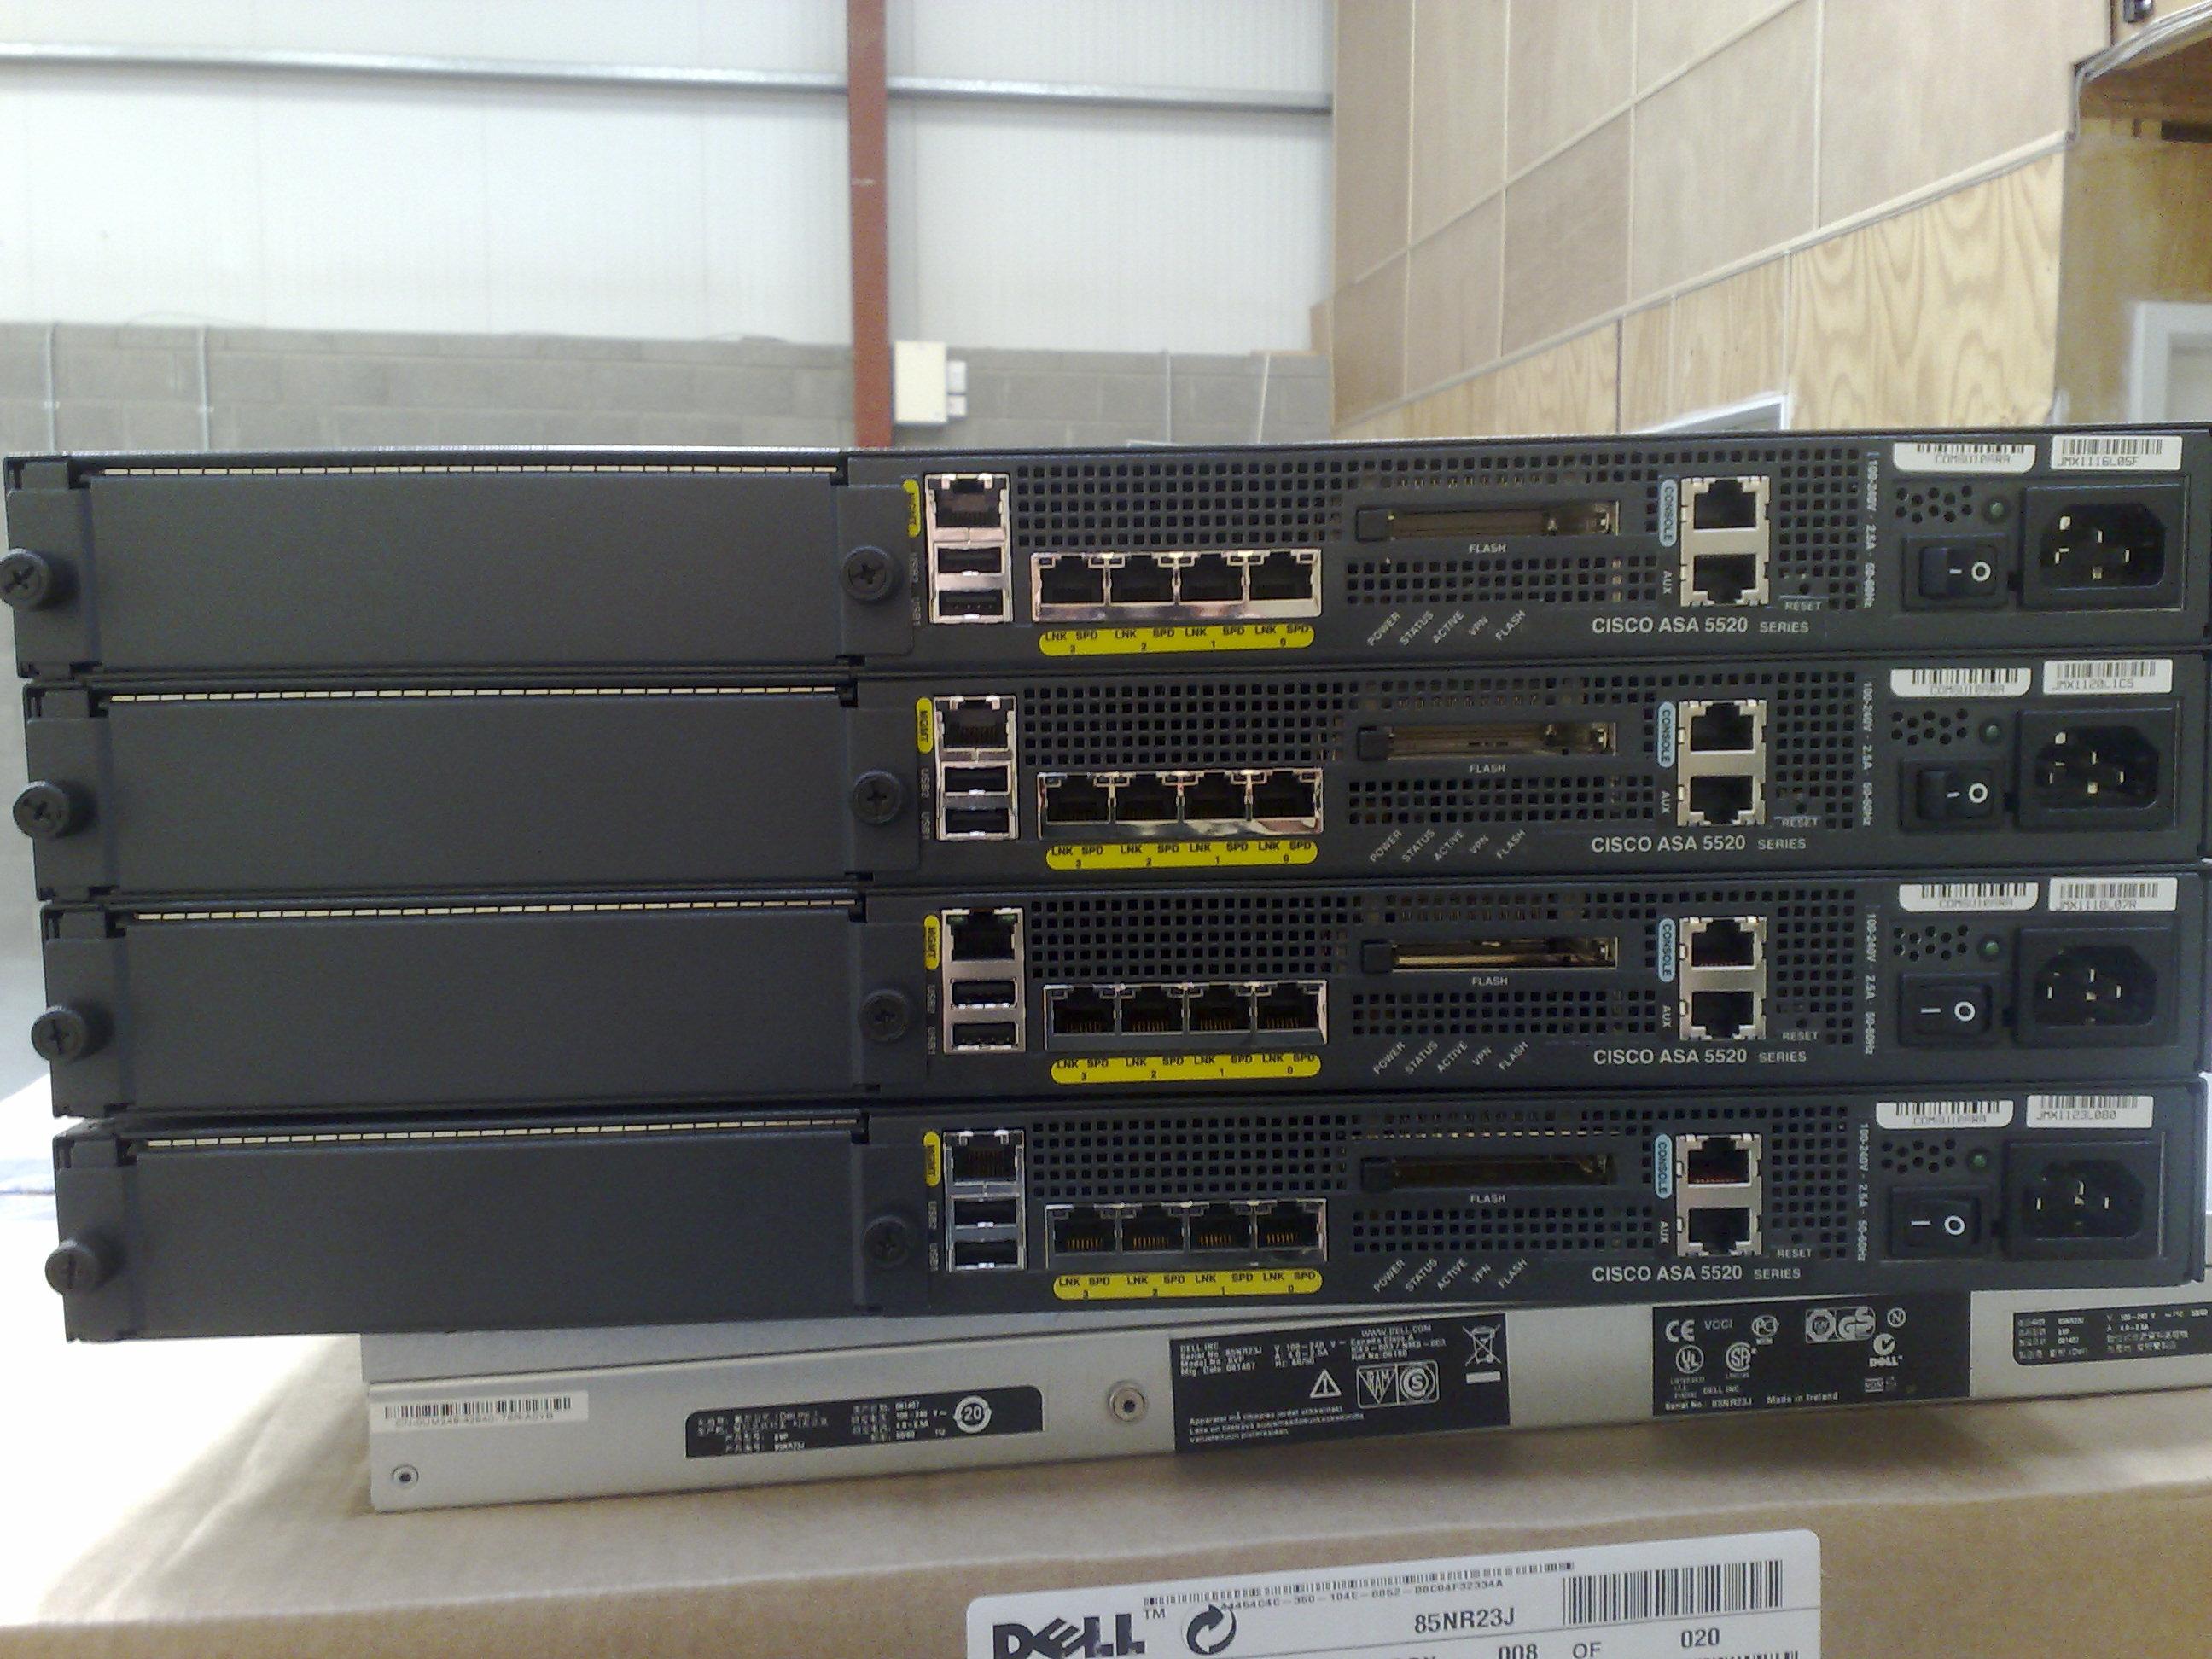 Cisco ace firewall